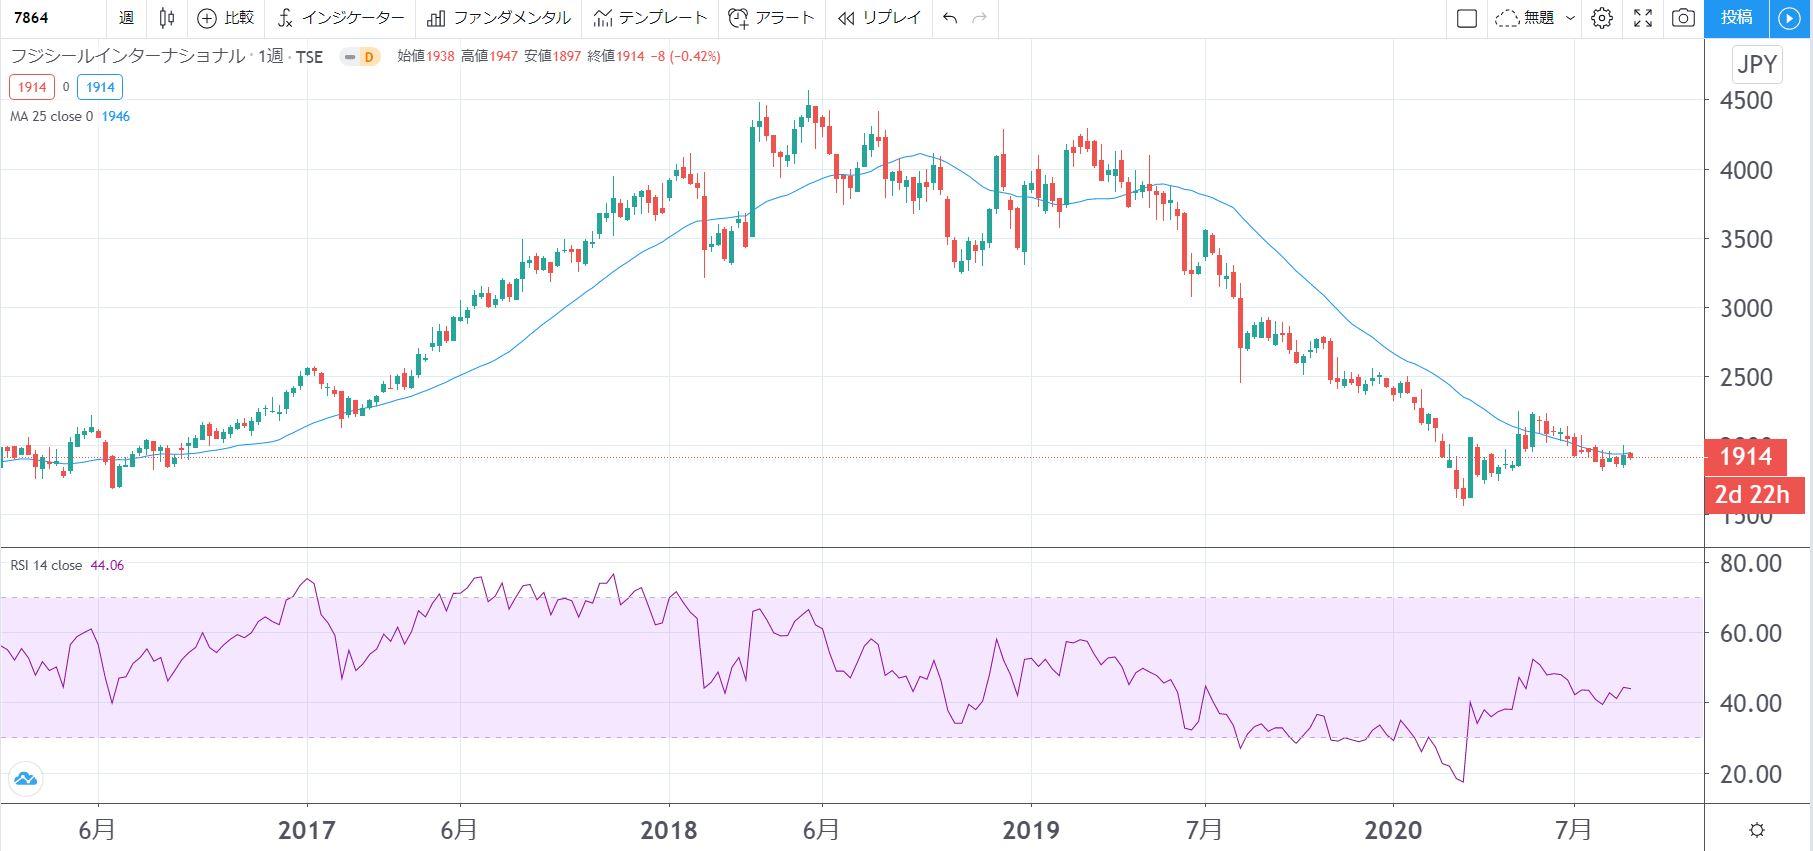 5年株価チャート-フジシールインターナショナル